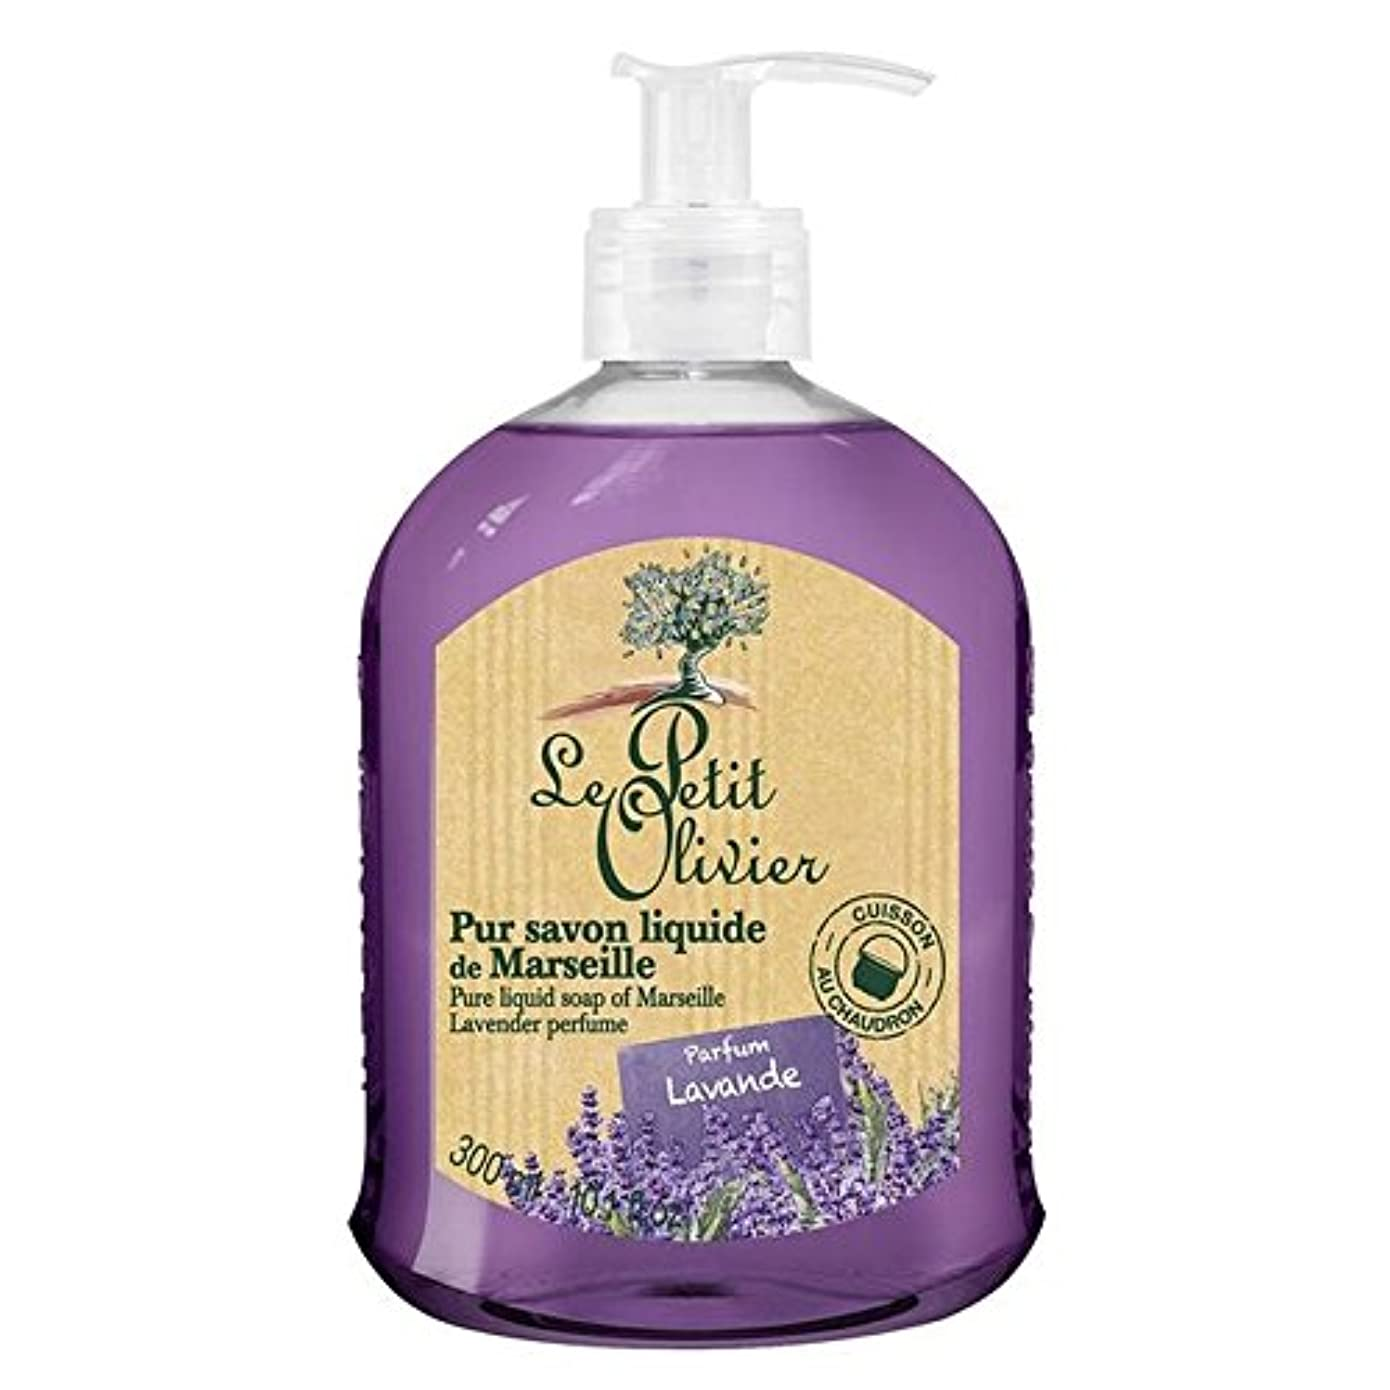 いらいらさせる自分流用するLe Petit Olivier Pure Liquid Soap of Marseille, Lavender 300ml - マルセイユのル?プティ?オリヴィエ純粋な液体石鹸、ラベンダー300ミリリットル [並行輸入品]